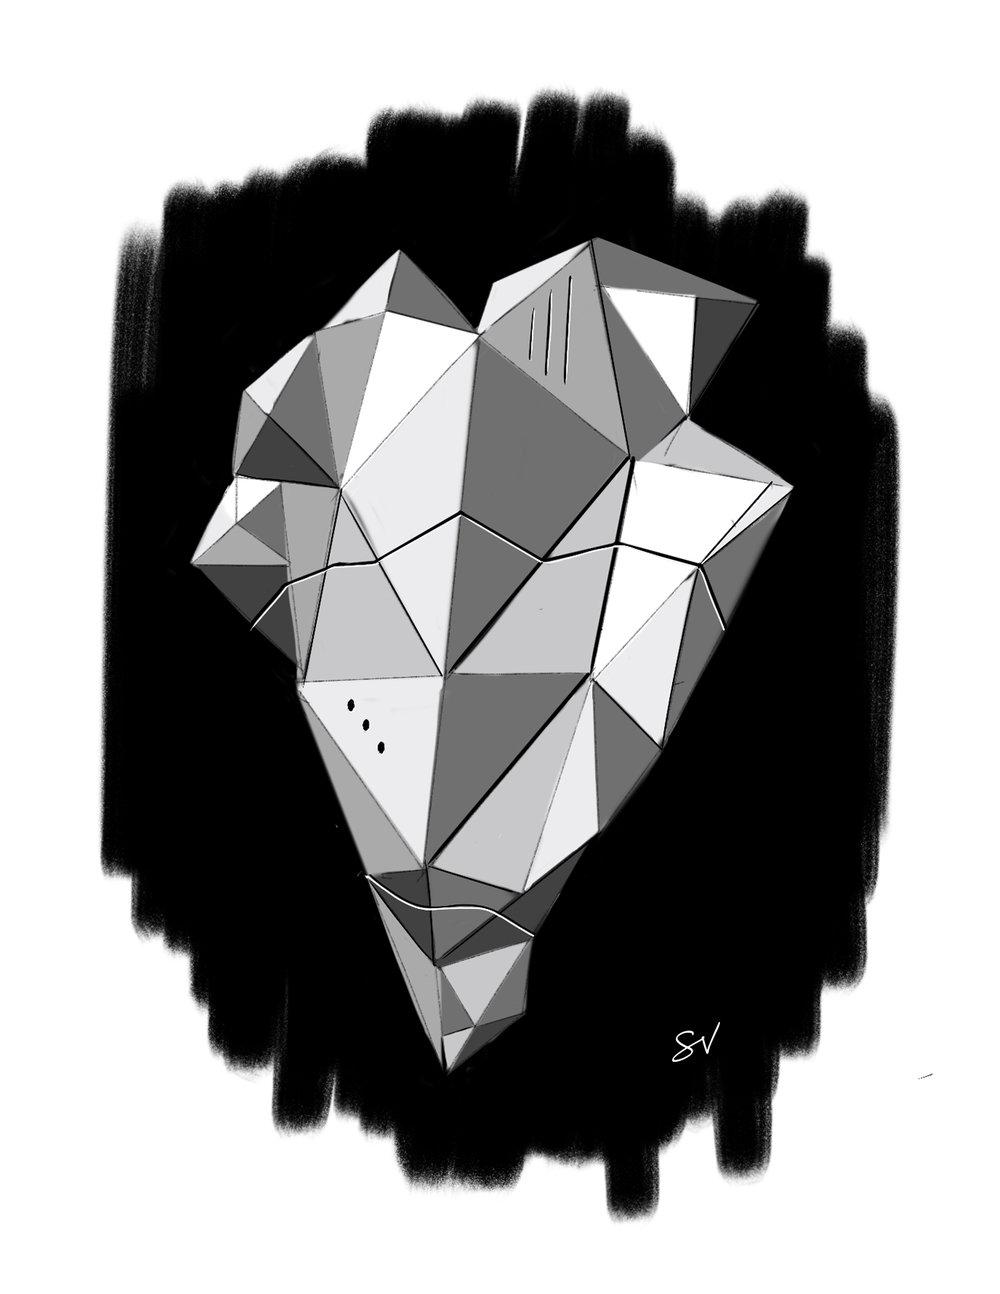 shadalene-v-planar-shape-1